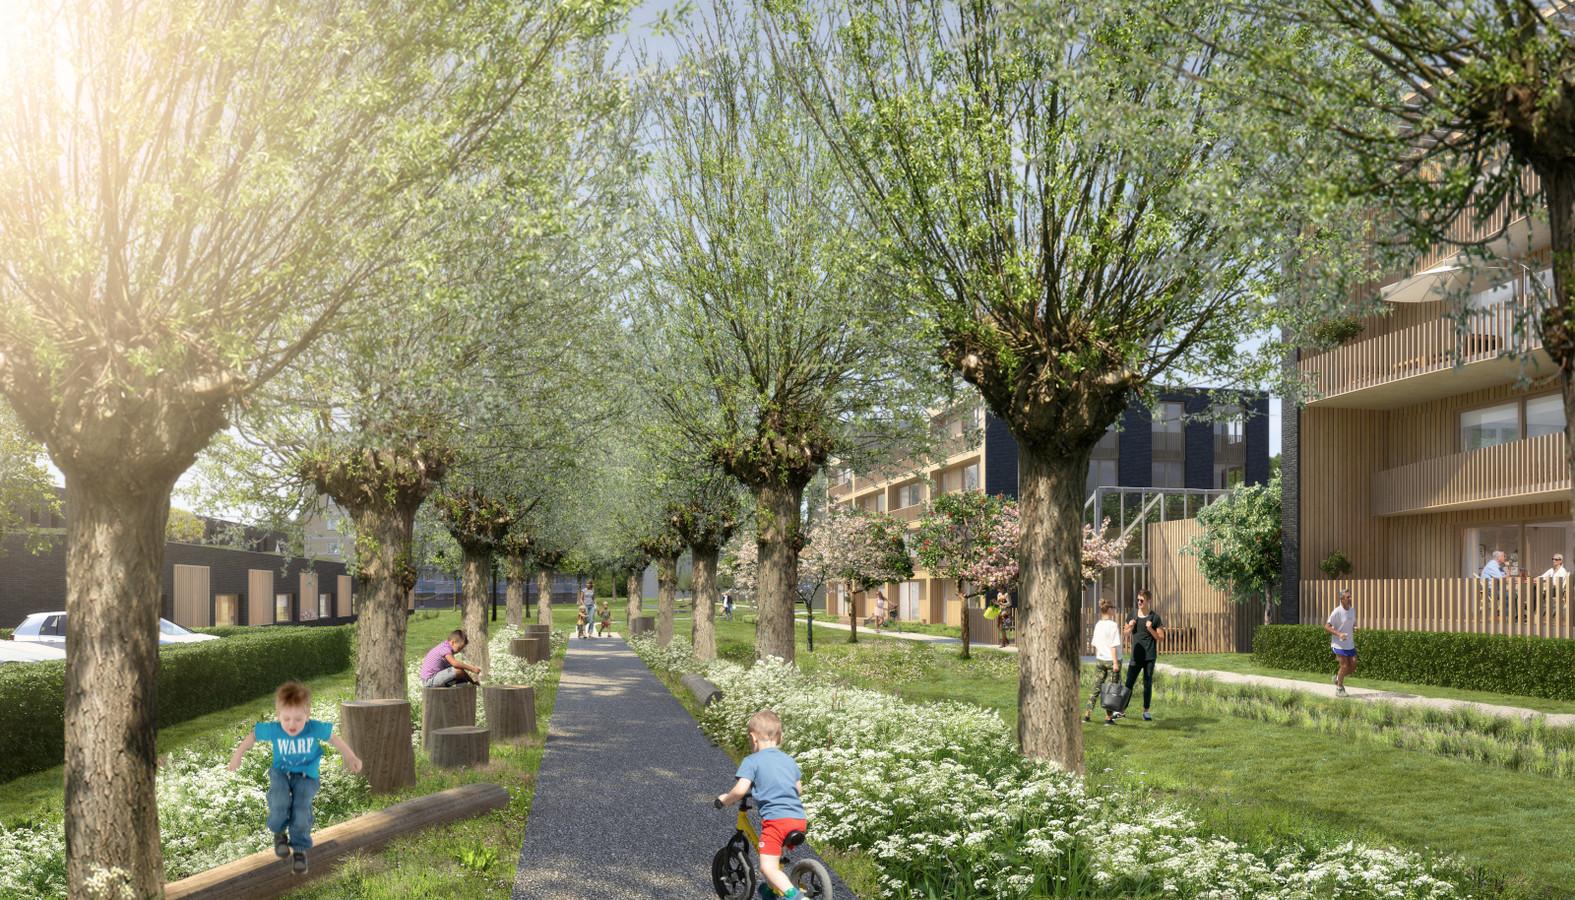 Een wilgenlaantje moet het hart van de verbinding tussen De Schoof en het gemeentehuis in Hendrik-Ido-Ambacht worden.